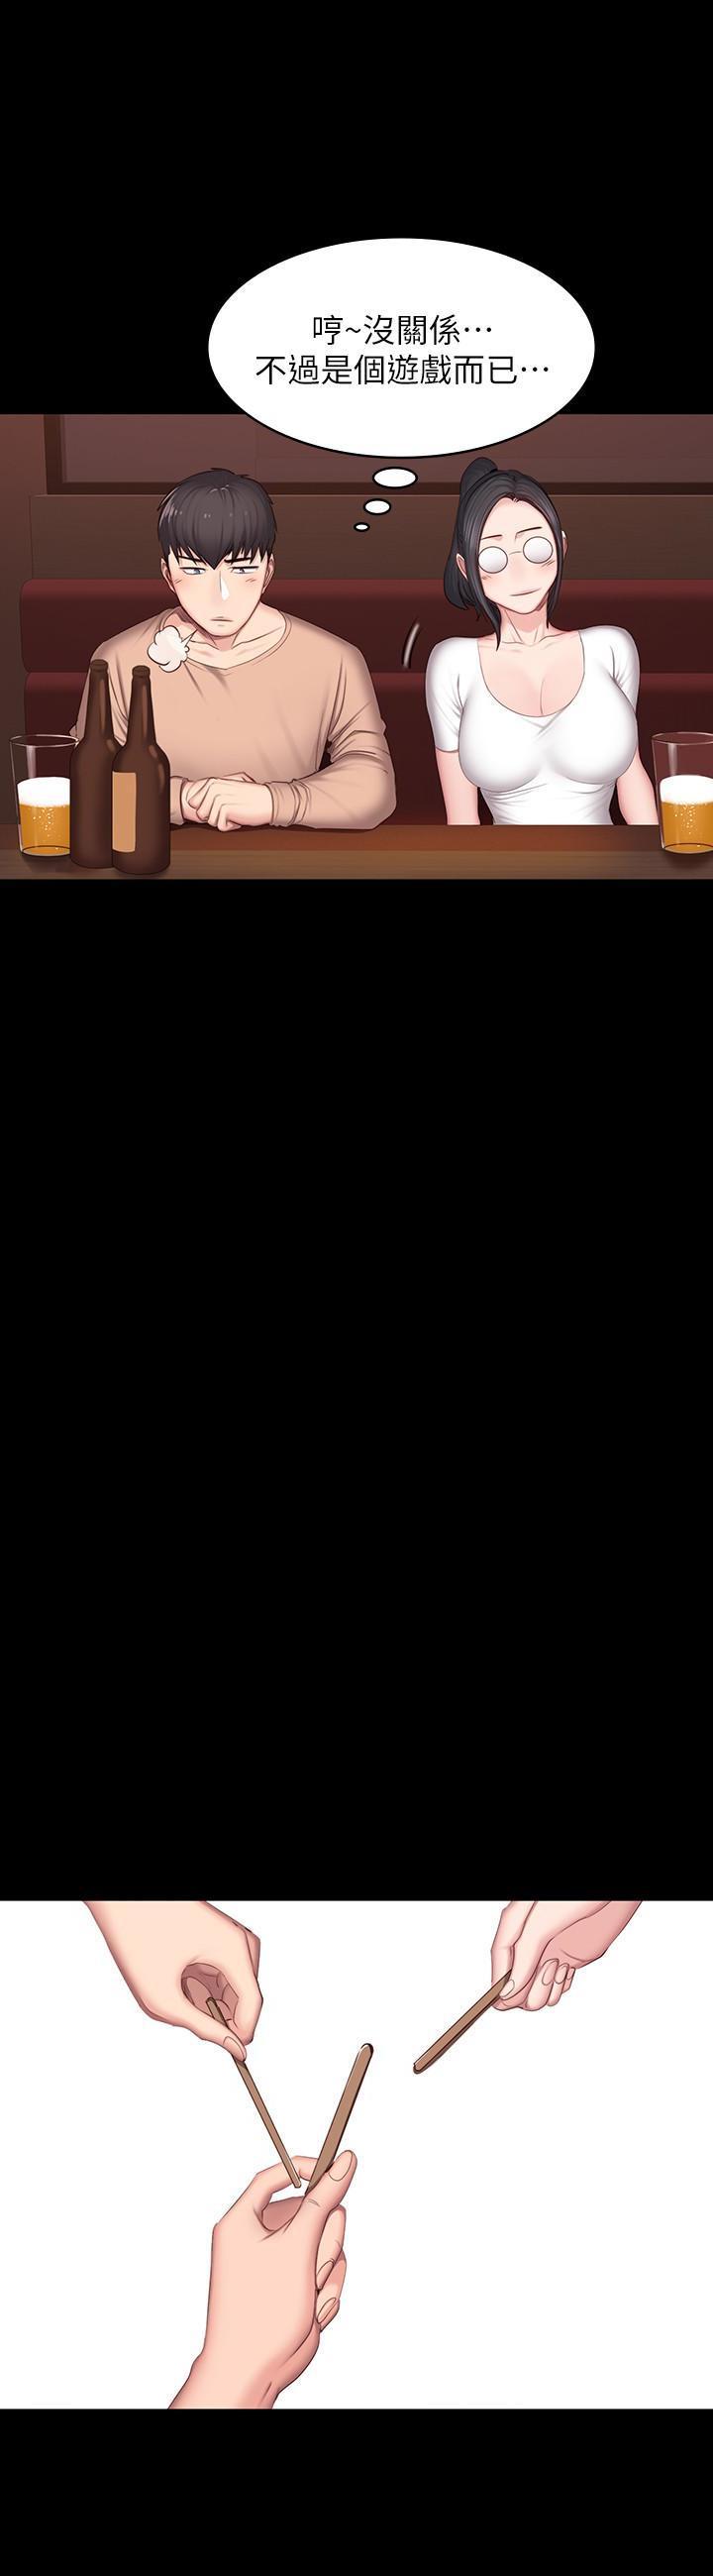 hanman